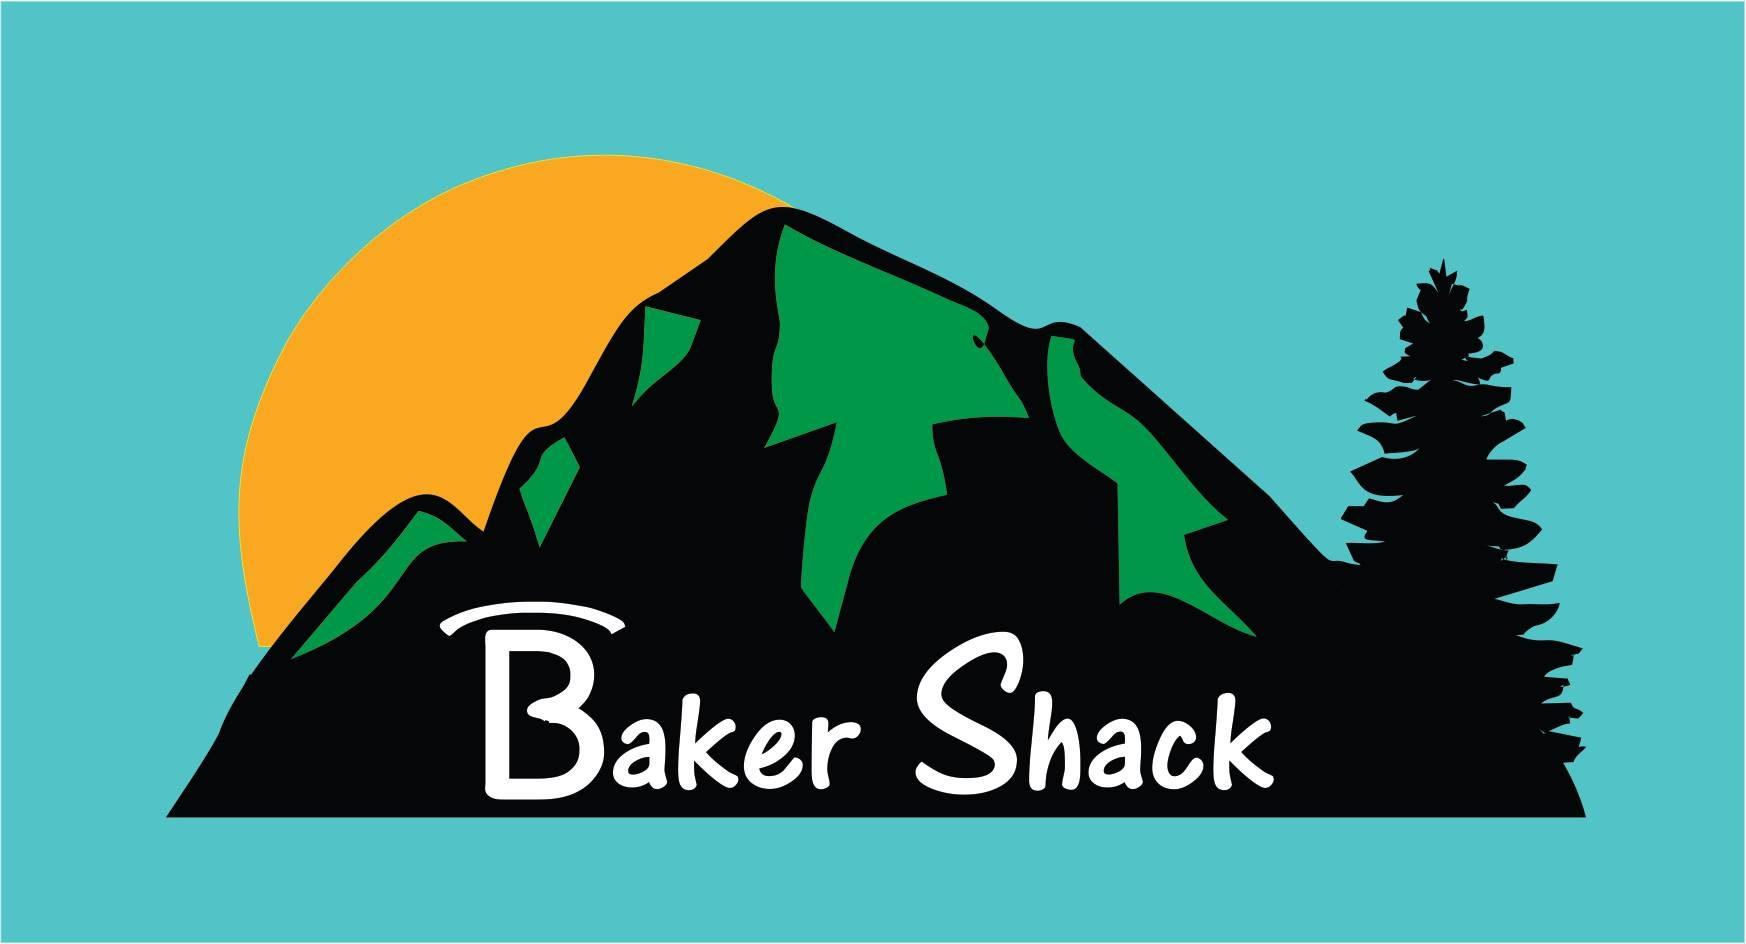 bakershack.jpg